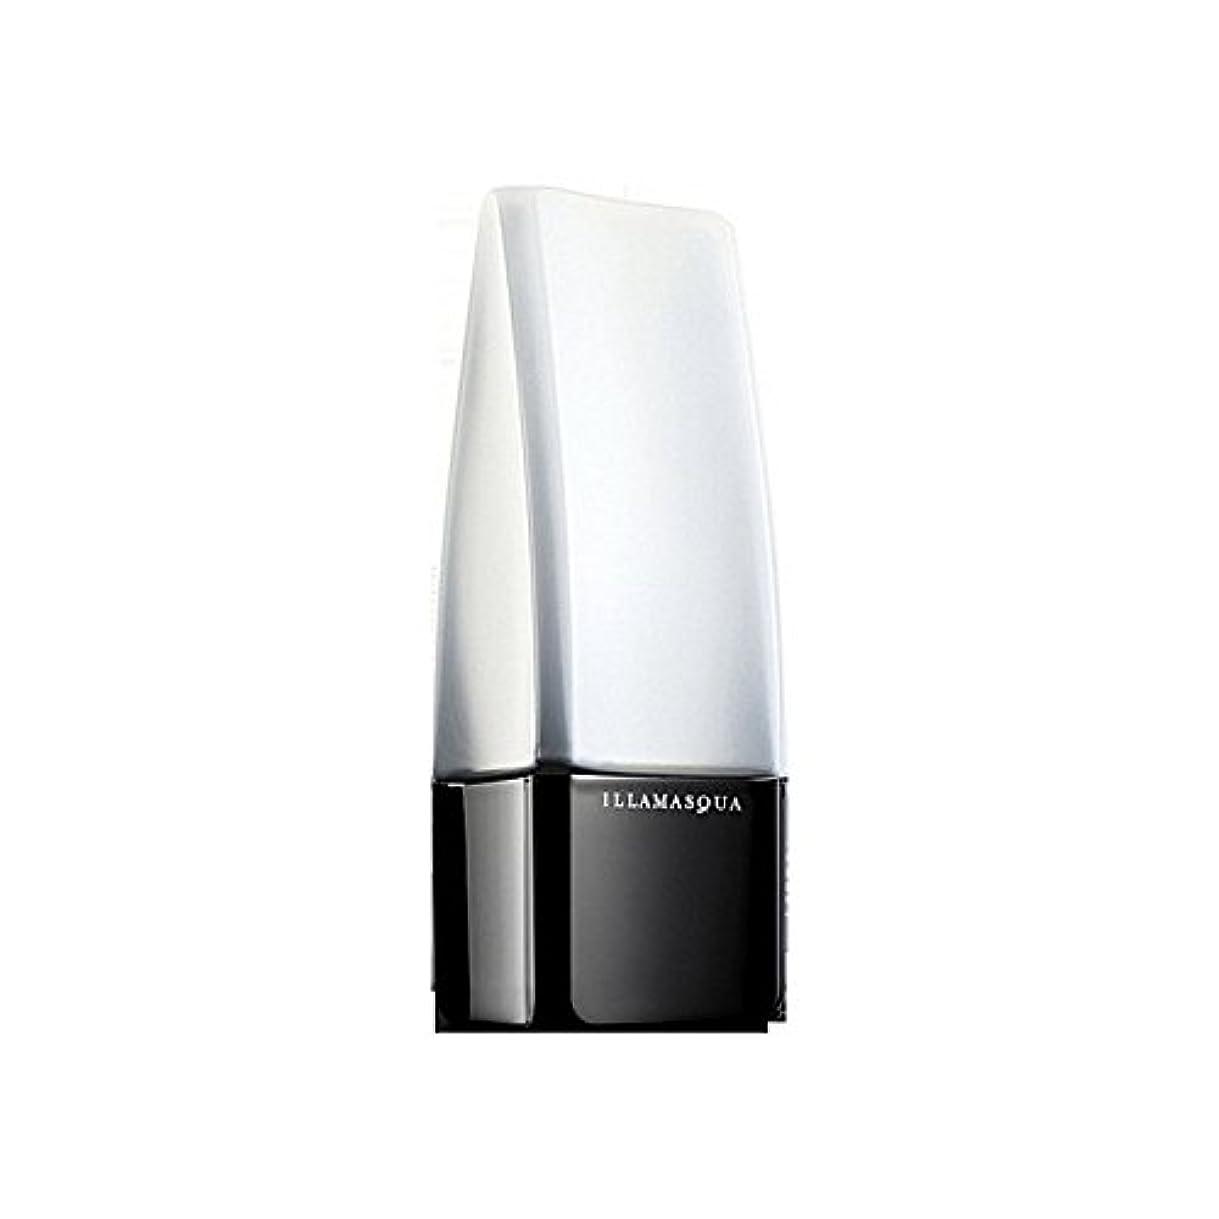 繊維見る印をつけるIllamasqua Matt Primer Spf 20 30ml (Pack of 6) - マットプライマー 20 30ミリリットル x6 [並行輸入品]